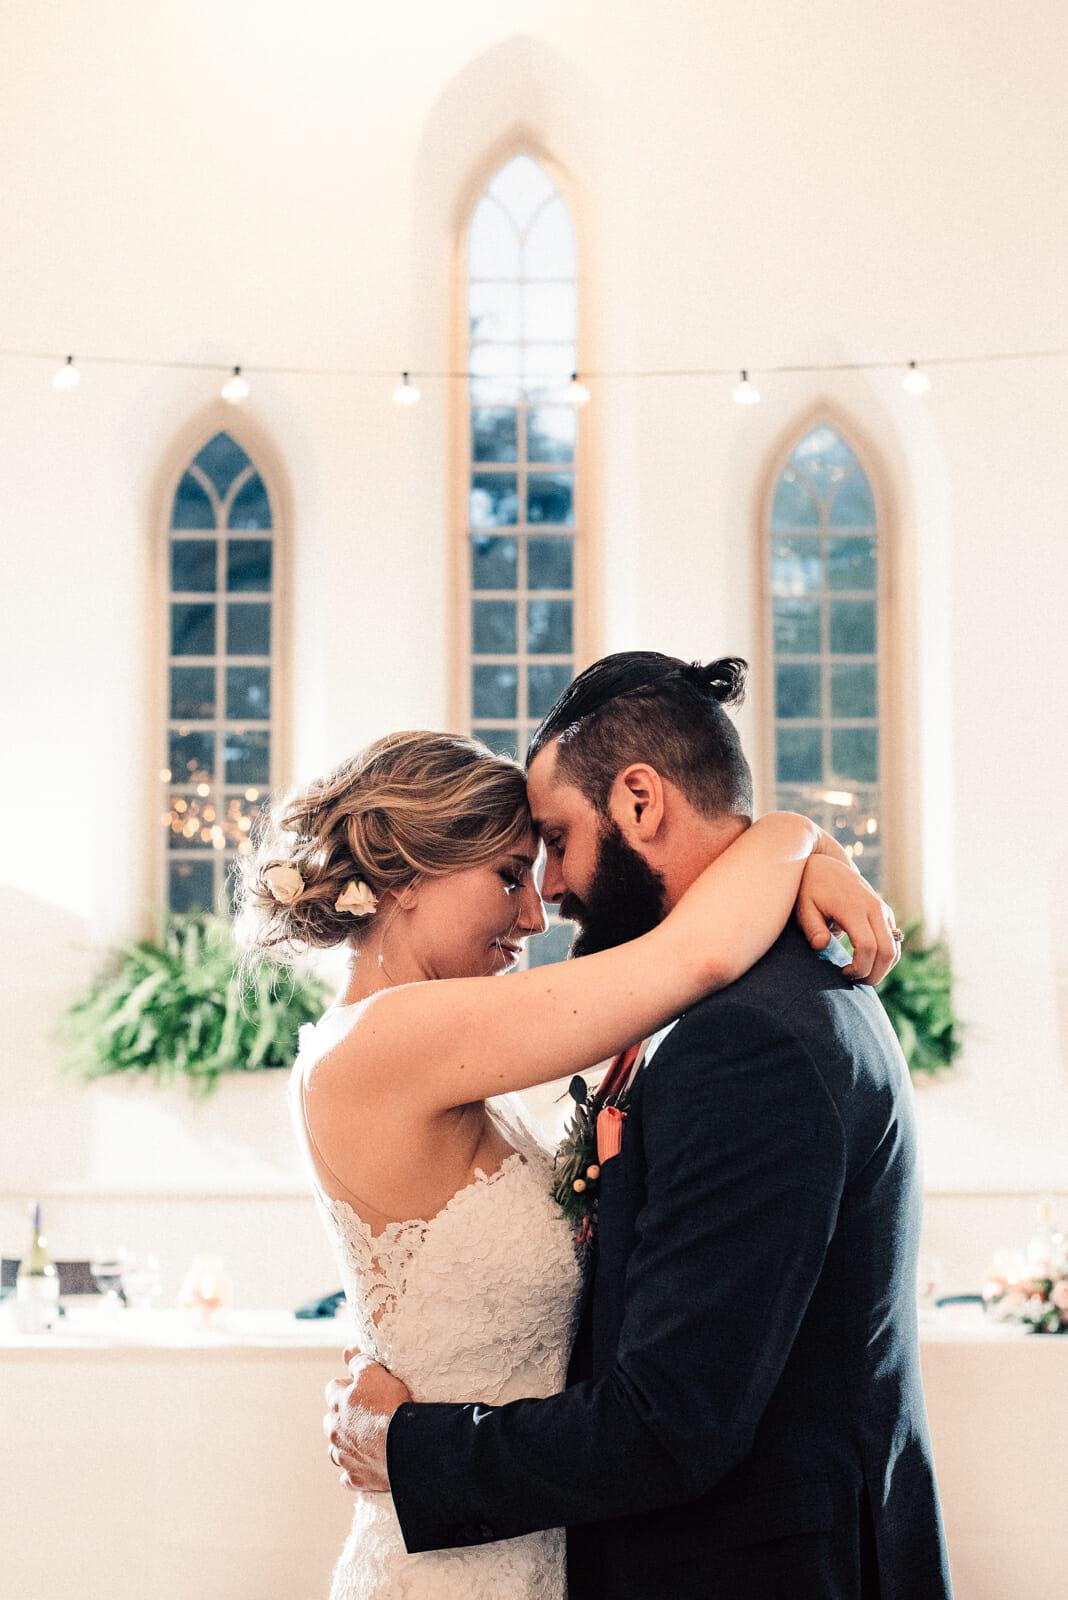 enoch turner schoolhouse wedding reception photos first dance